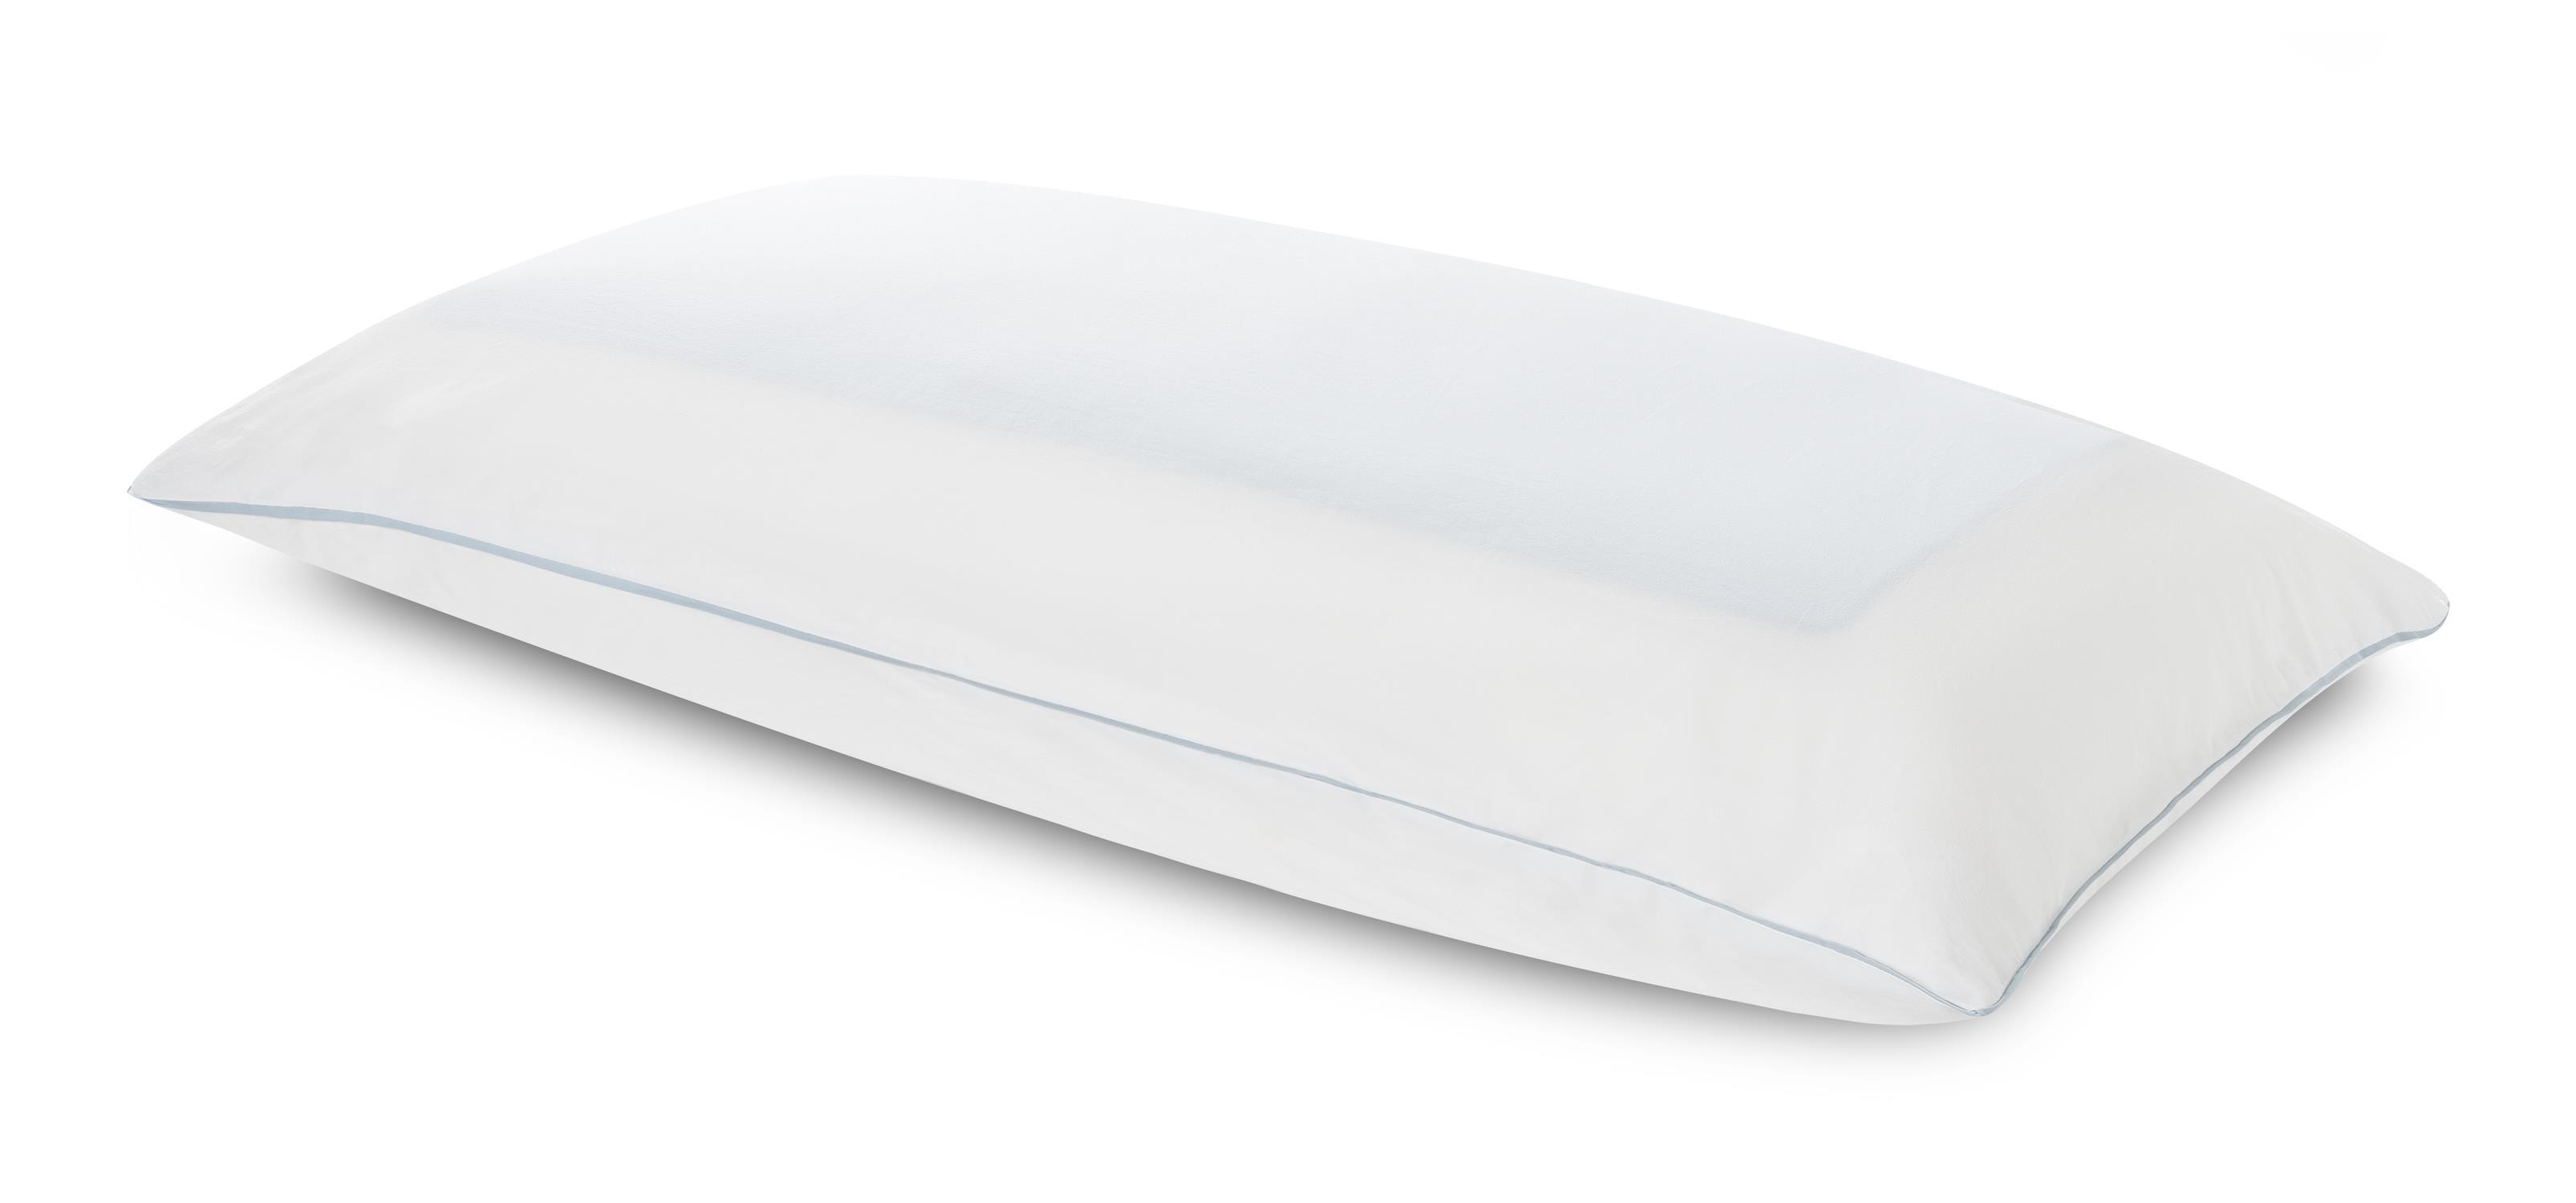 Tempur Pillows King Tempur-Cloud Breeze Dual Cooling Pillow at Johnny Janosik